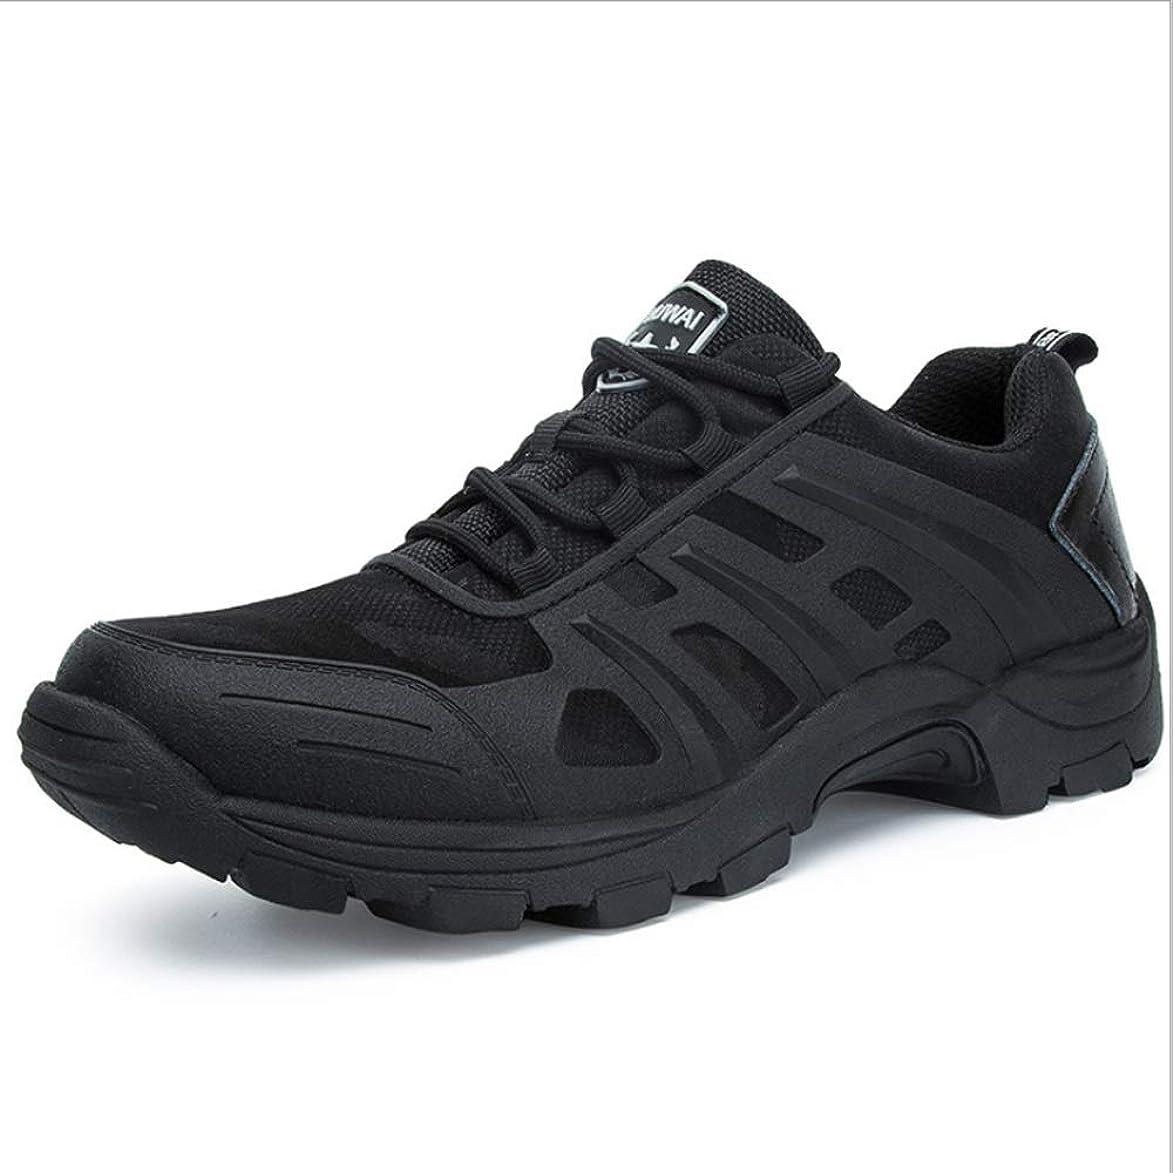 グレートオーク眠り突き出す屋外のウォーキングシューズ通気性のハイキングシューズが滑り止めの低いブーツを着用するのを助けるために低いメンズ屋外Lサイズ (Color : Black, Size : 43)